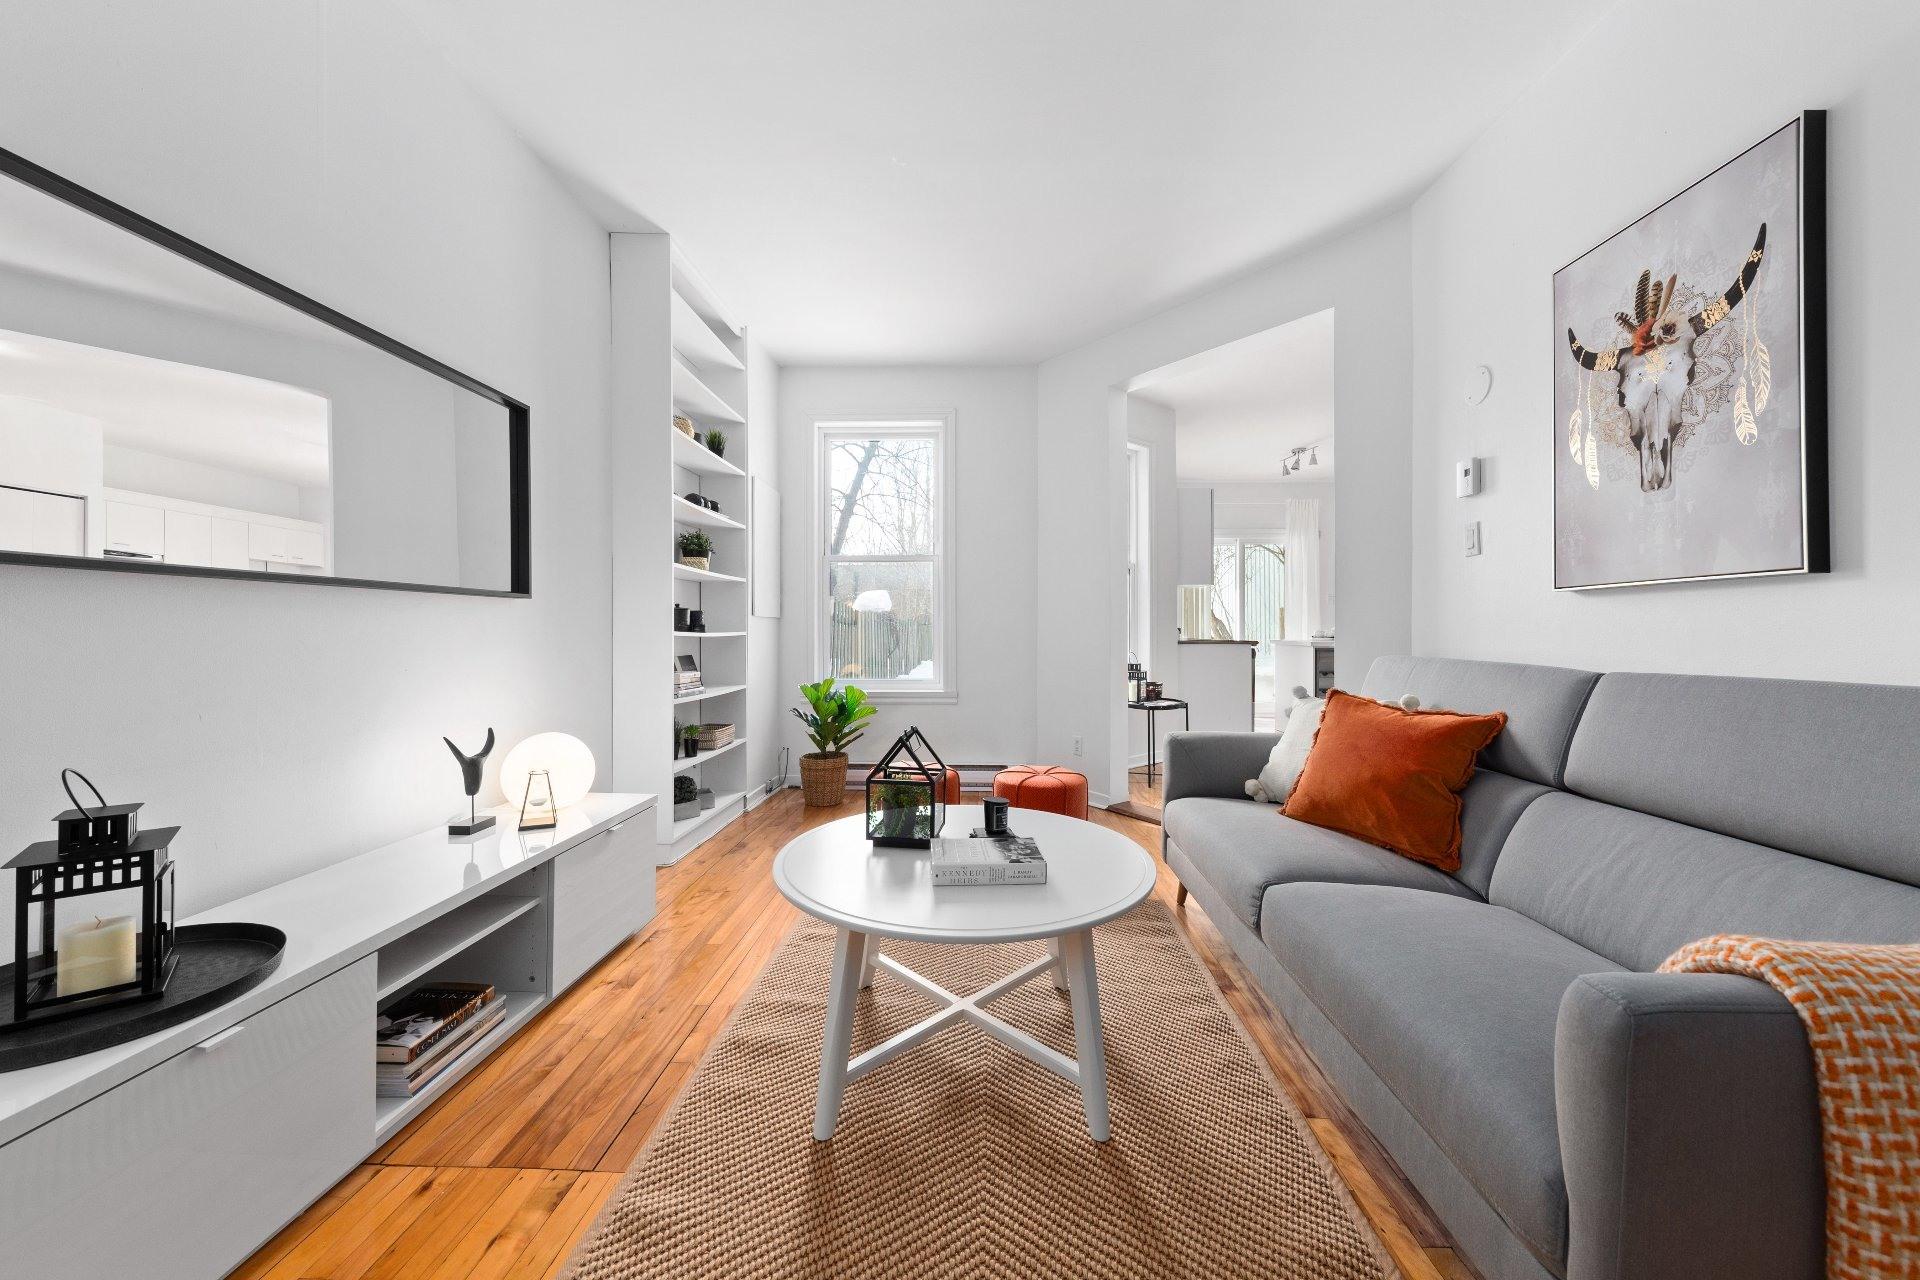 image 8 - Maison À vendre Le Plateau-Mont-Royal Montréal  - 10 pièces